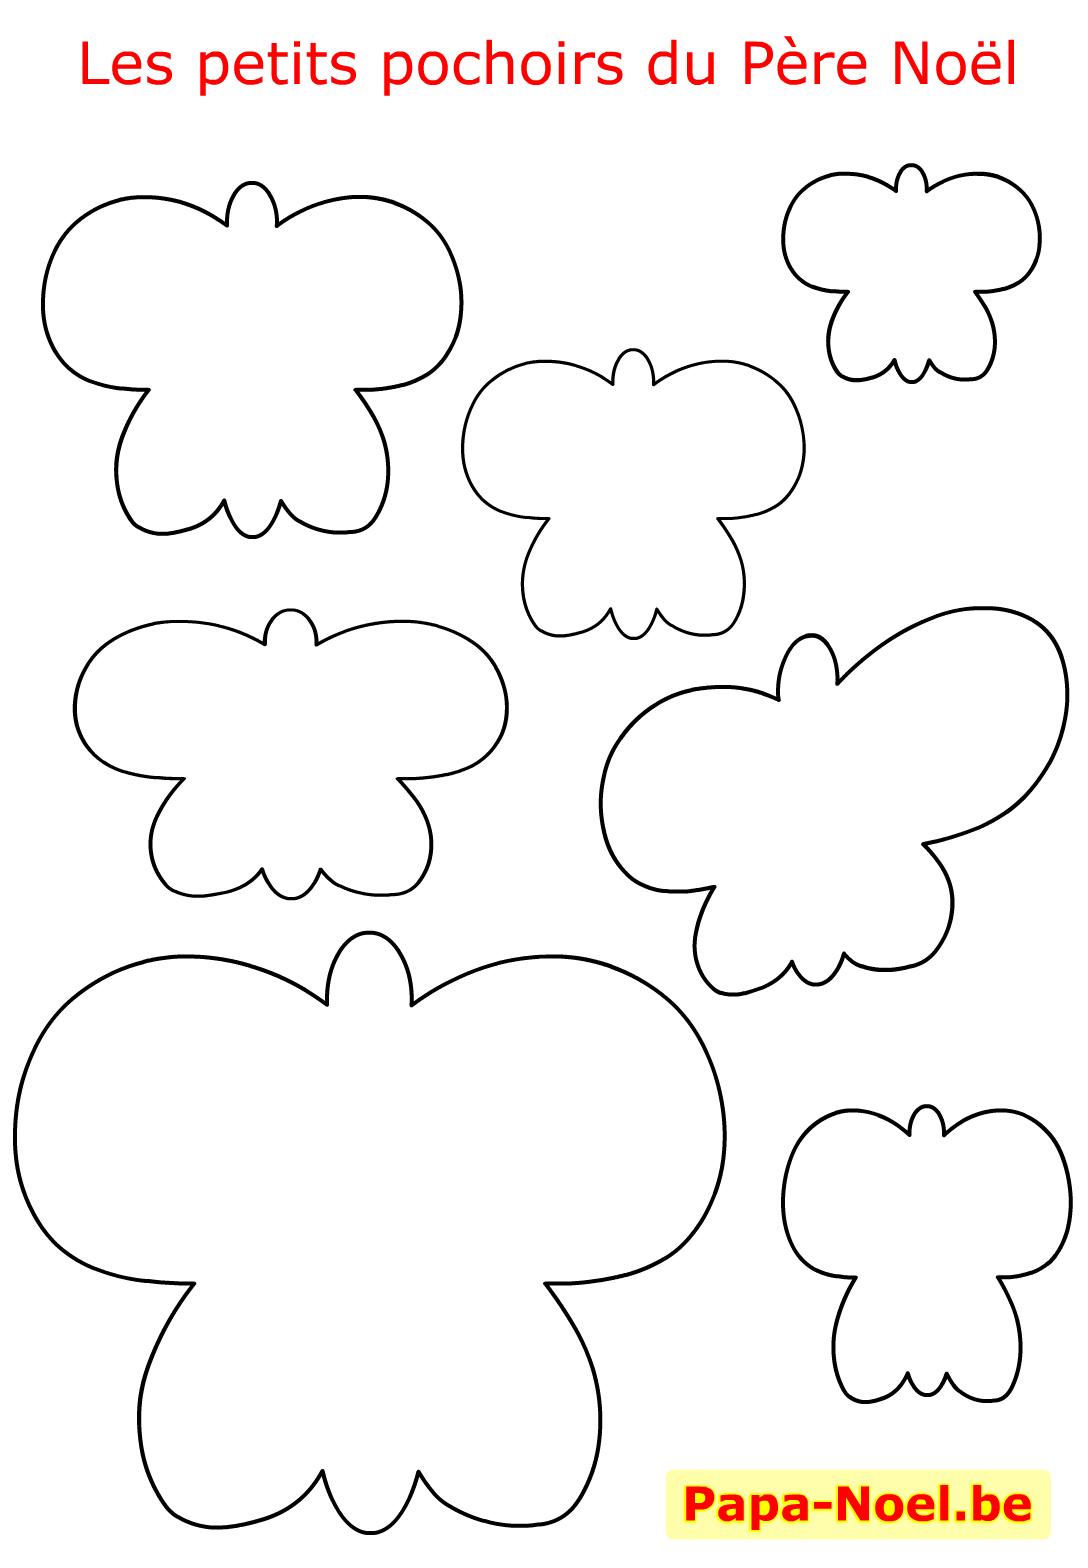 Noel Pochoir De Noel Papillon Pochoirs À Imprimer Gratuit avec Découpage Collage Maternelle À Imprimer